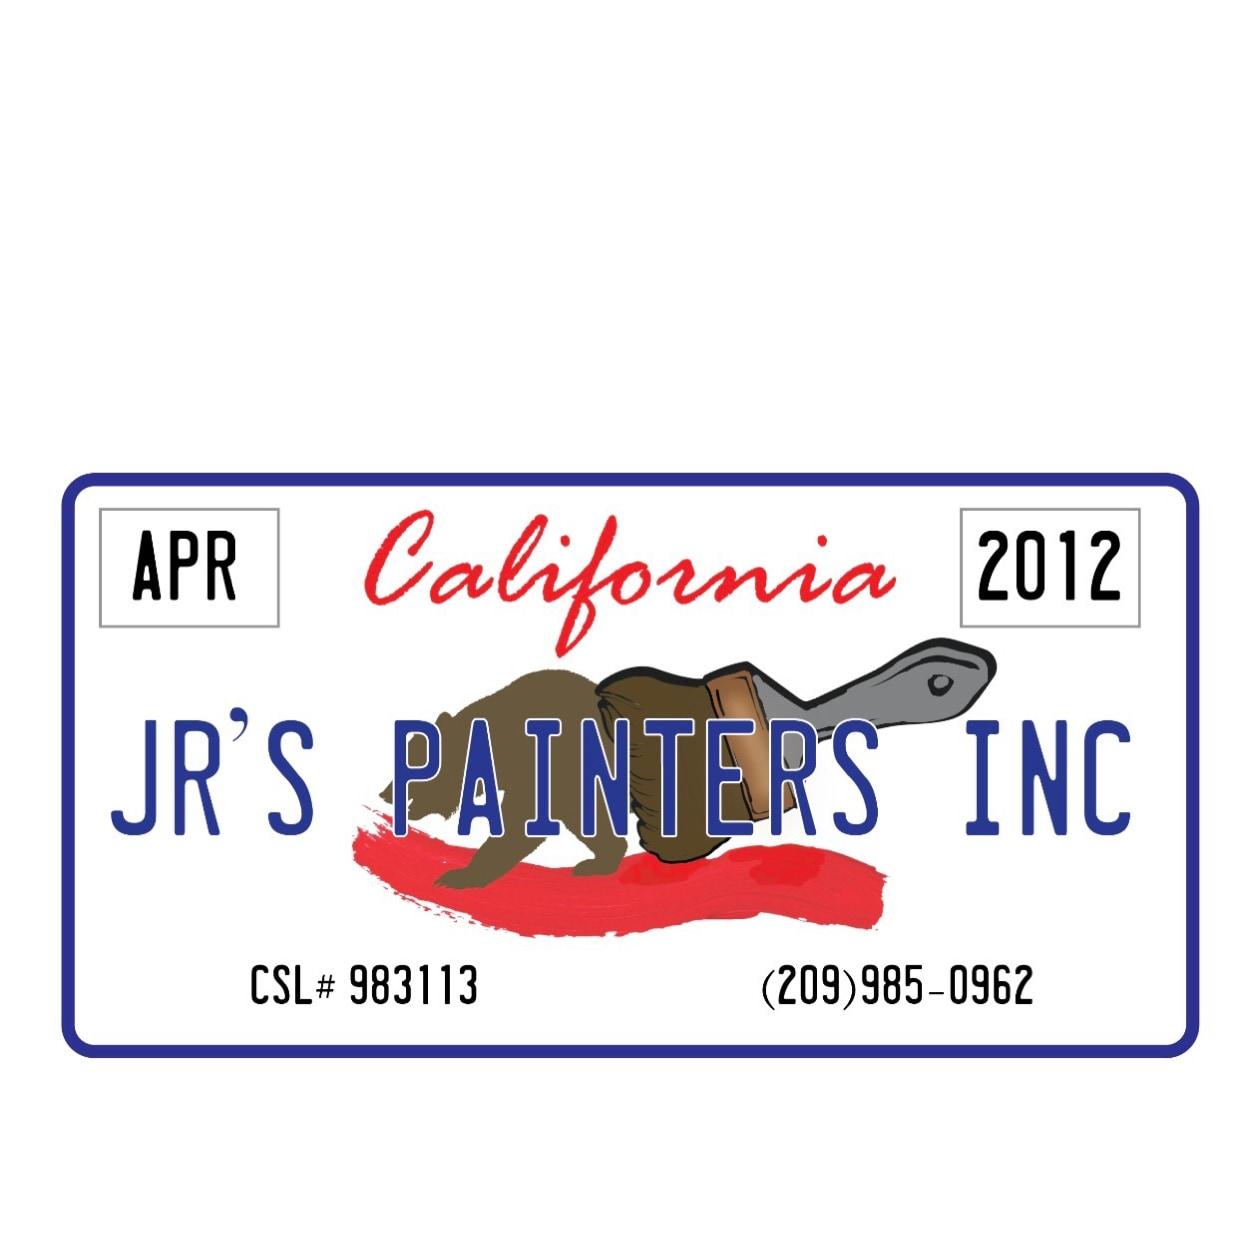 JRS Painters Inc